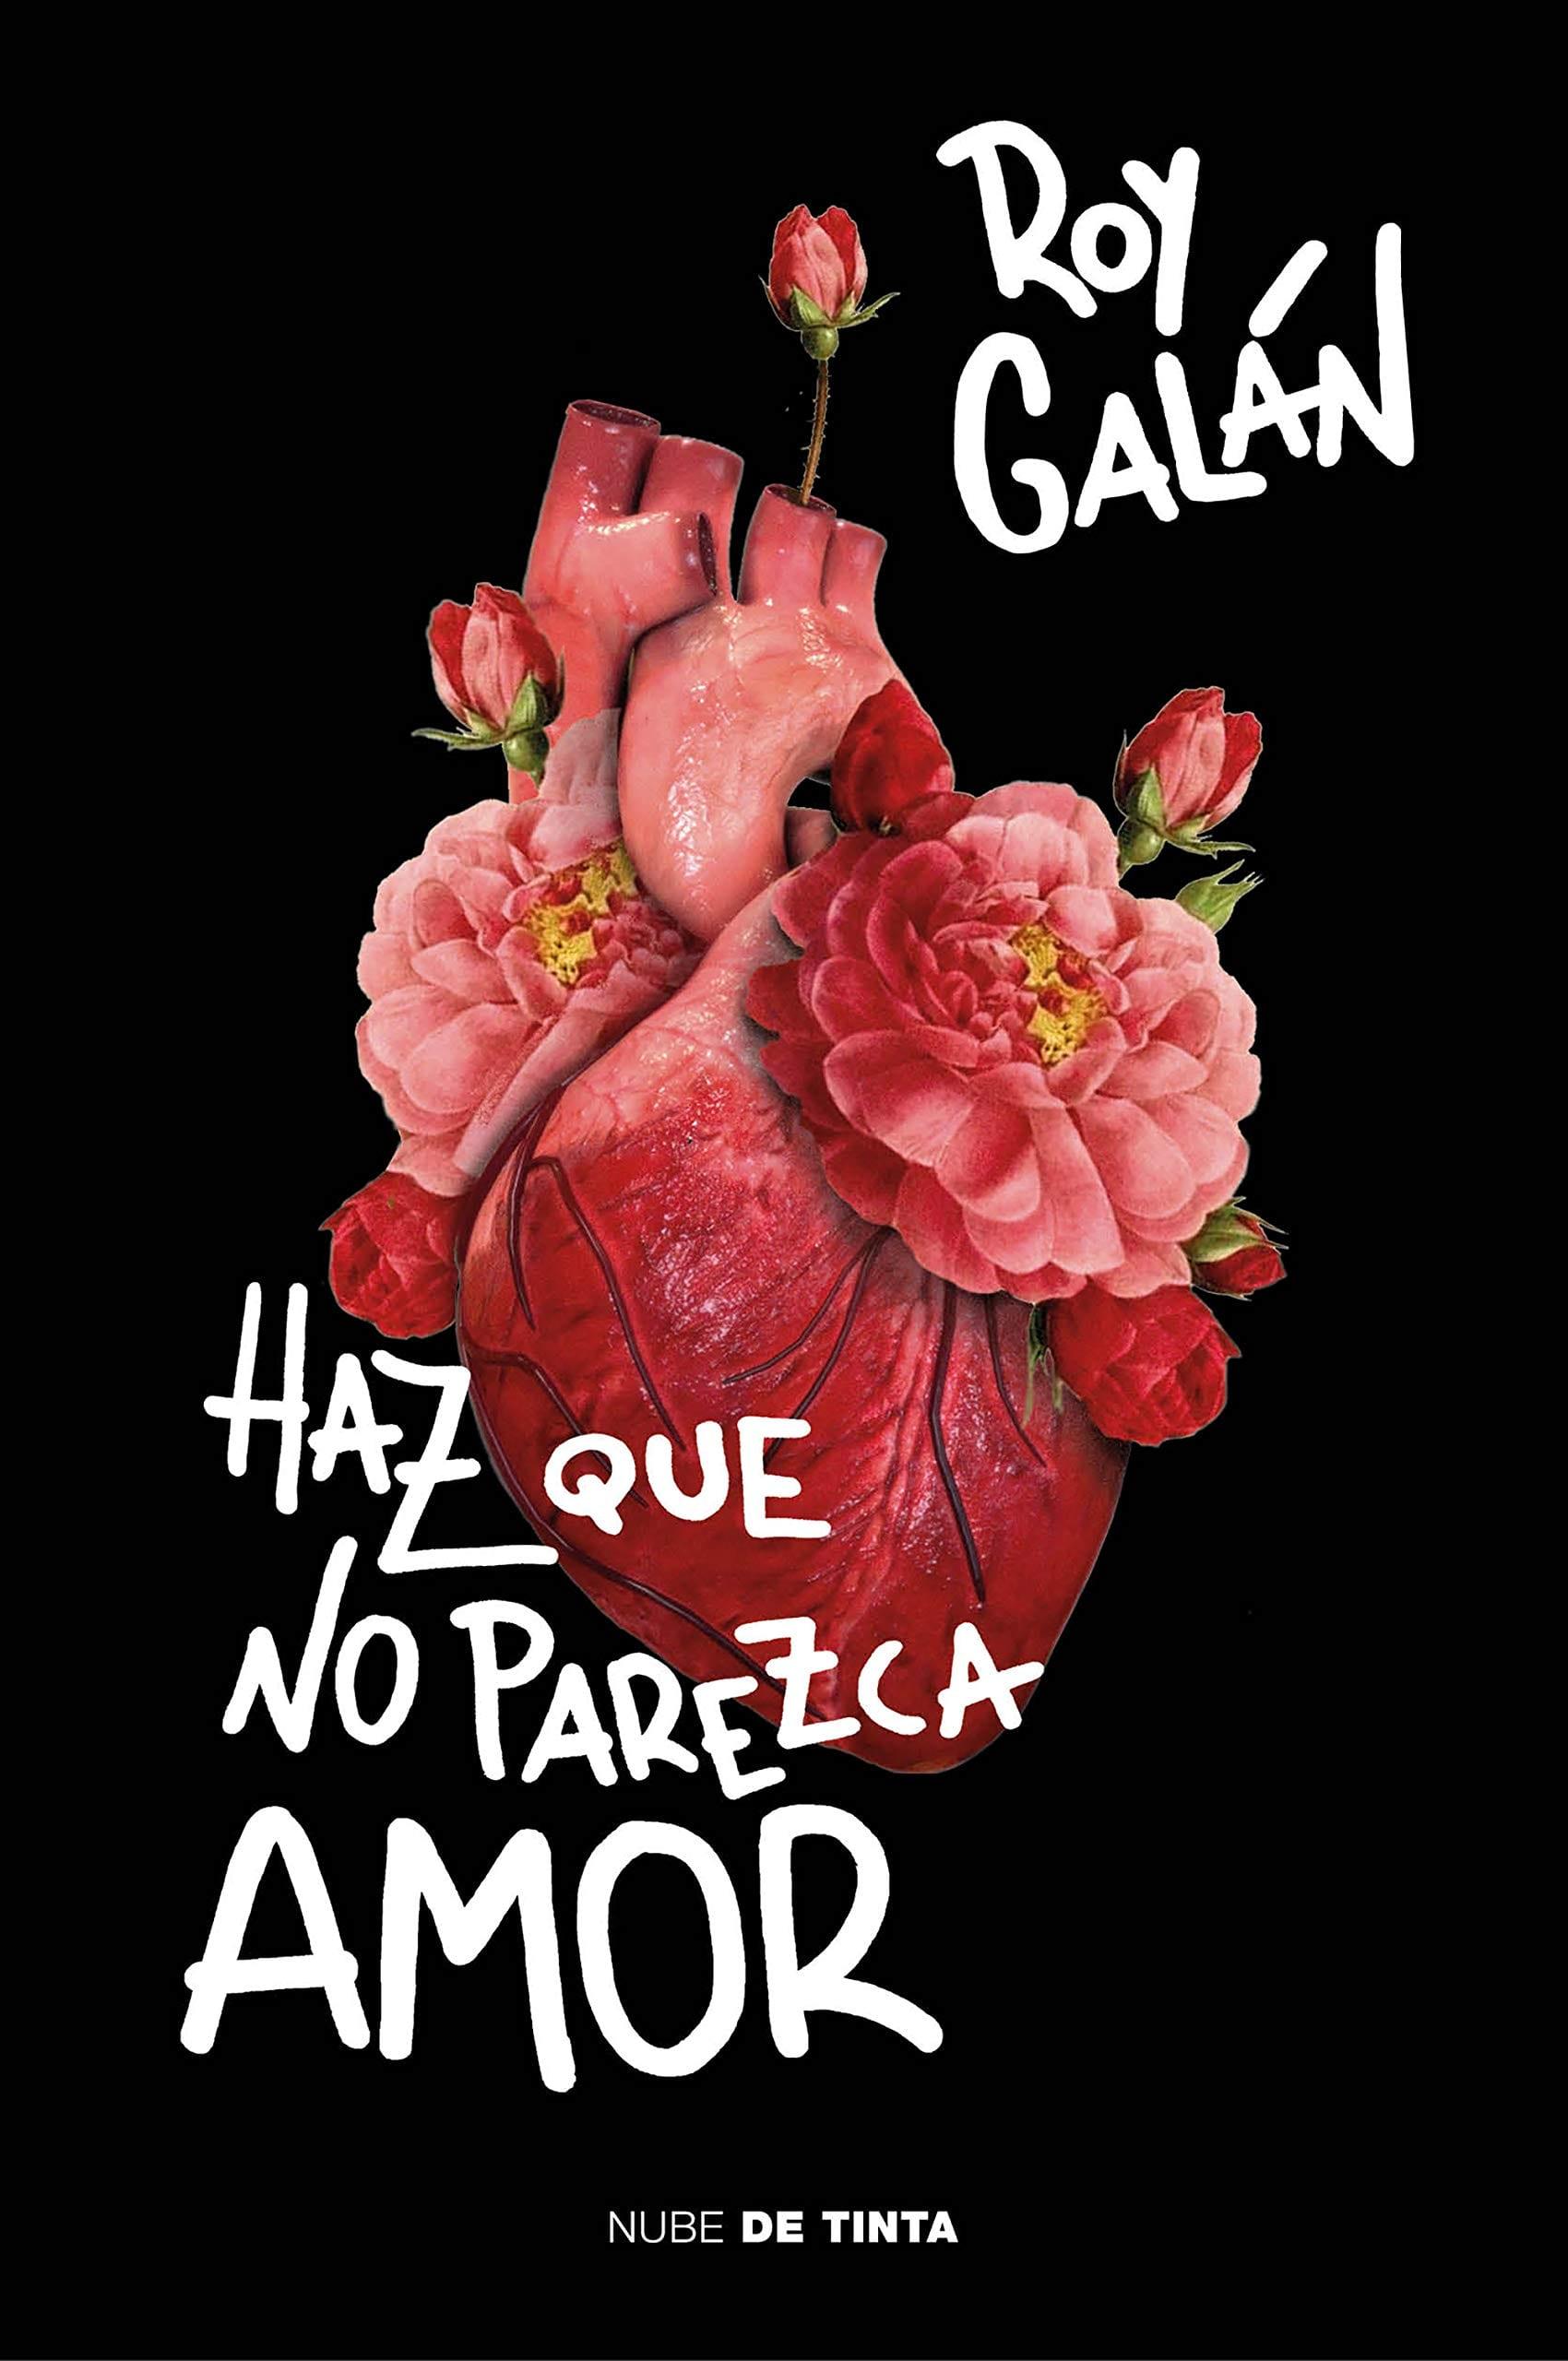 Haz que no parezca amor, de Roy Galán - Reseña